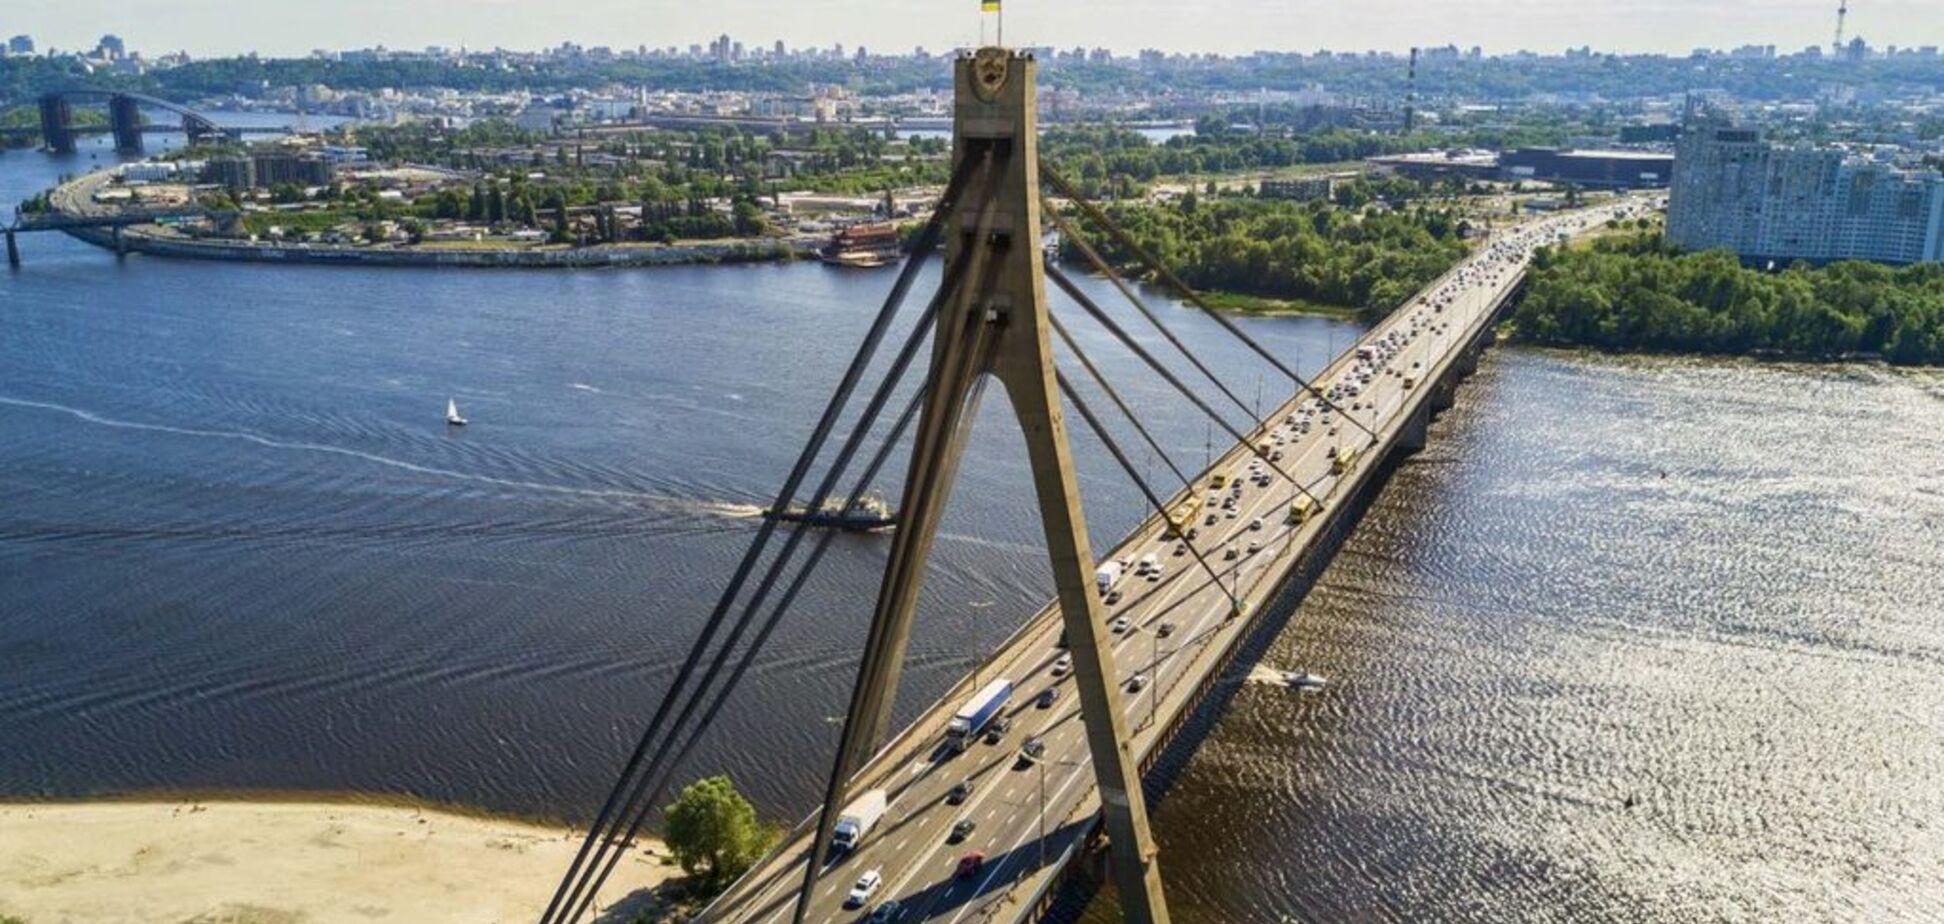 У Києві почнуть ремонтувати міст на Троєщину: скільки витратять